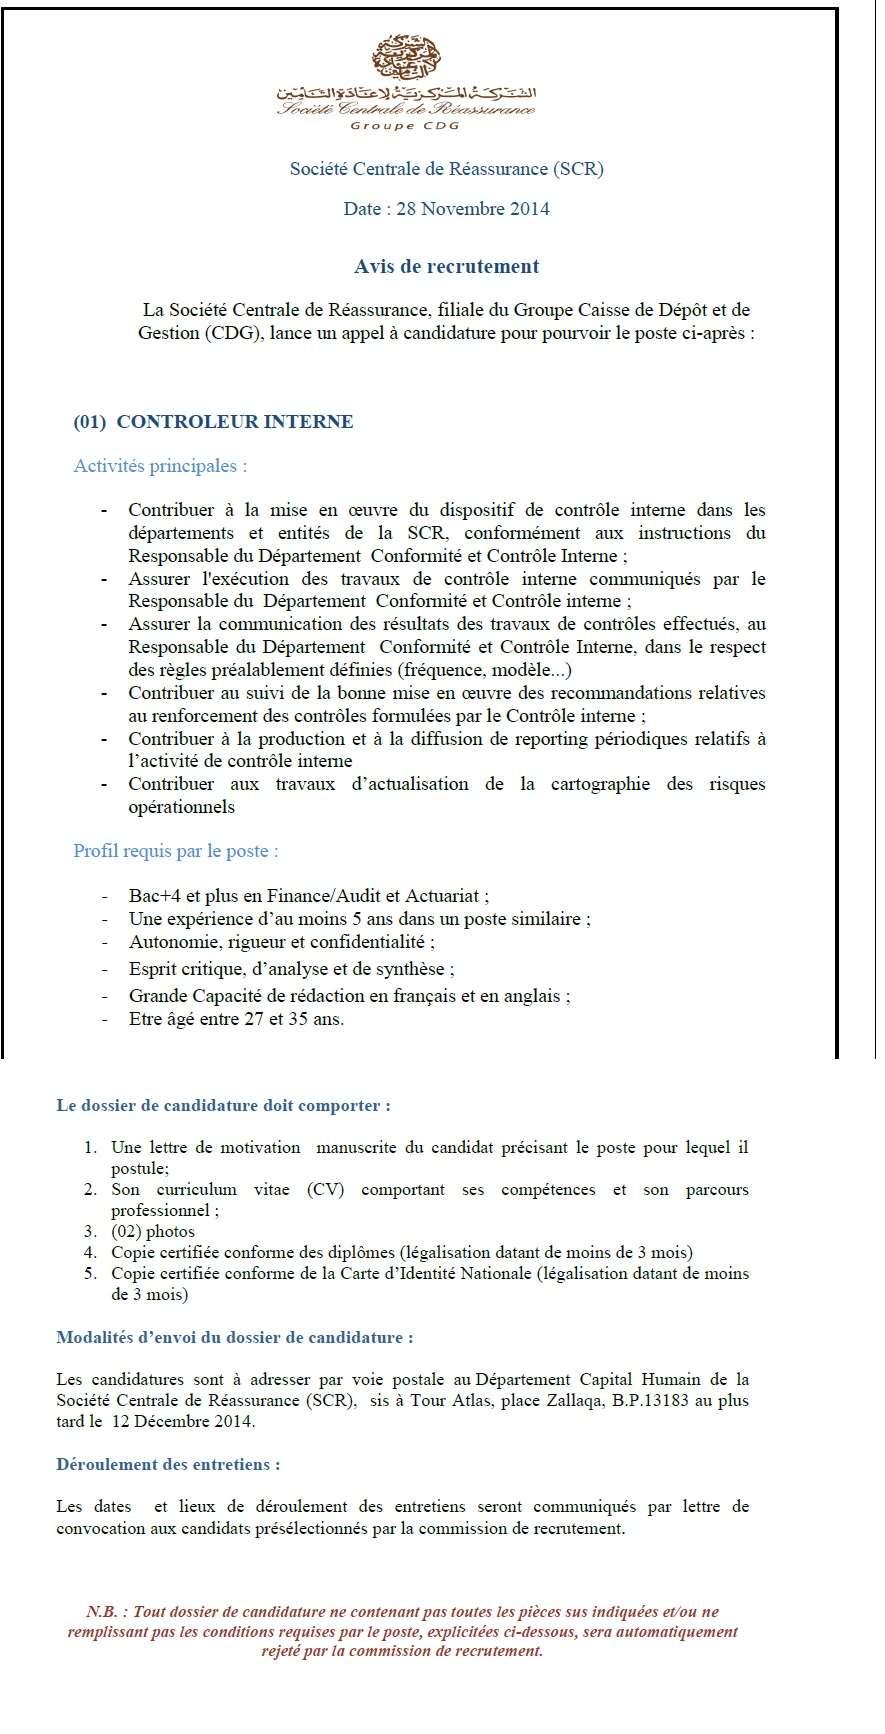 الشركة المركزية لإعادة التأمين : مباراة لتوظيف مراقب داخلي (1 منصب) آخر أجل لإيداع الترشيحات 12 دجنبر 2014 Concou52